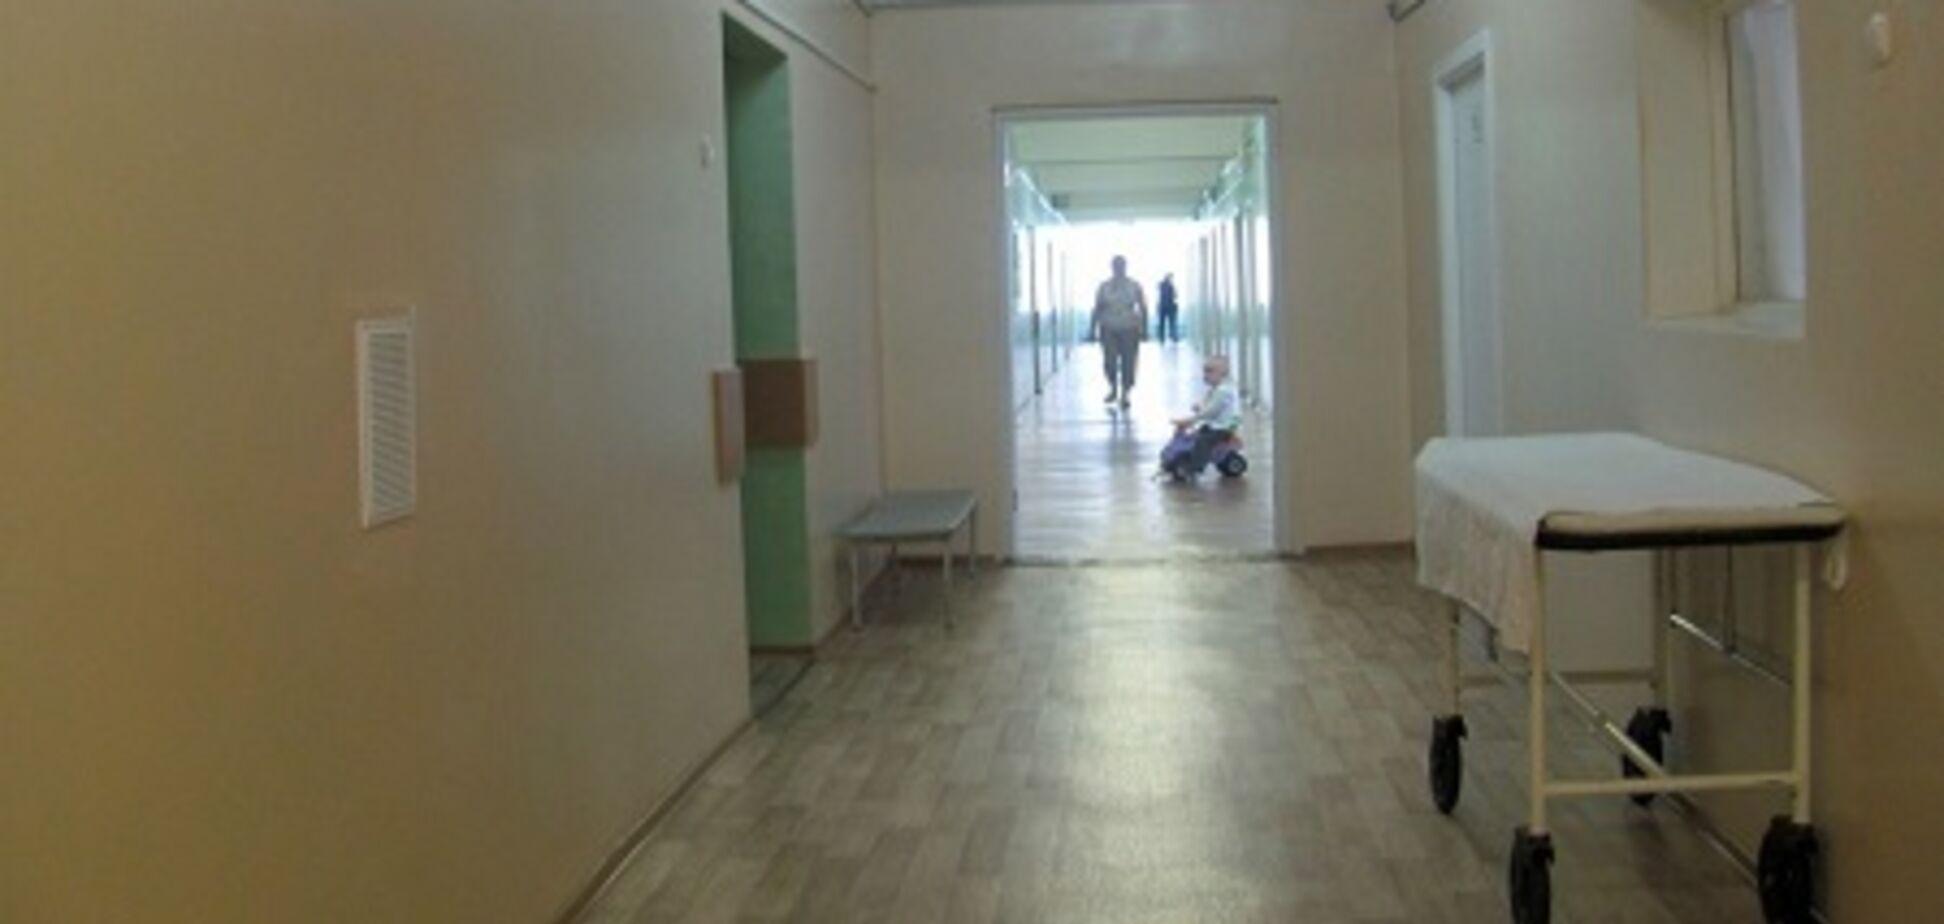 Принимают воинов в коридоре: вокруг больницы наДонетчине разгорелся скандал